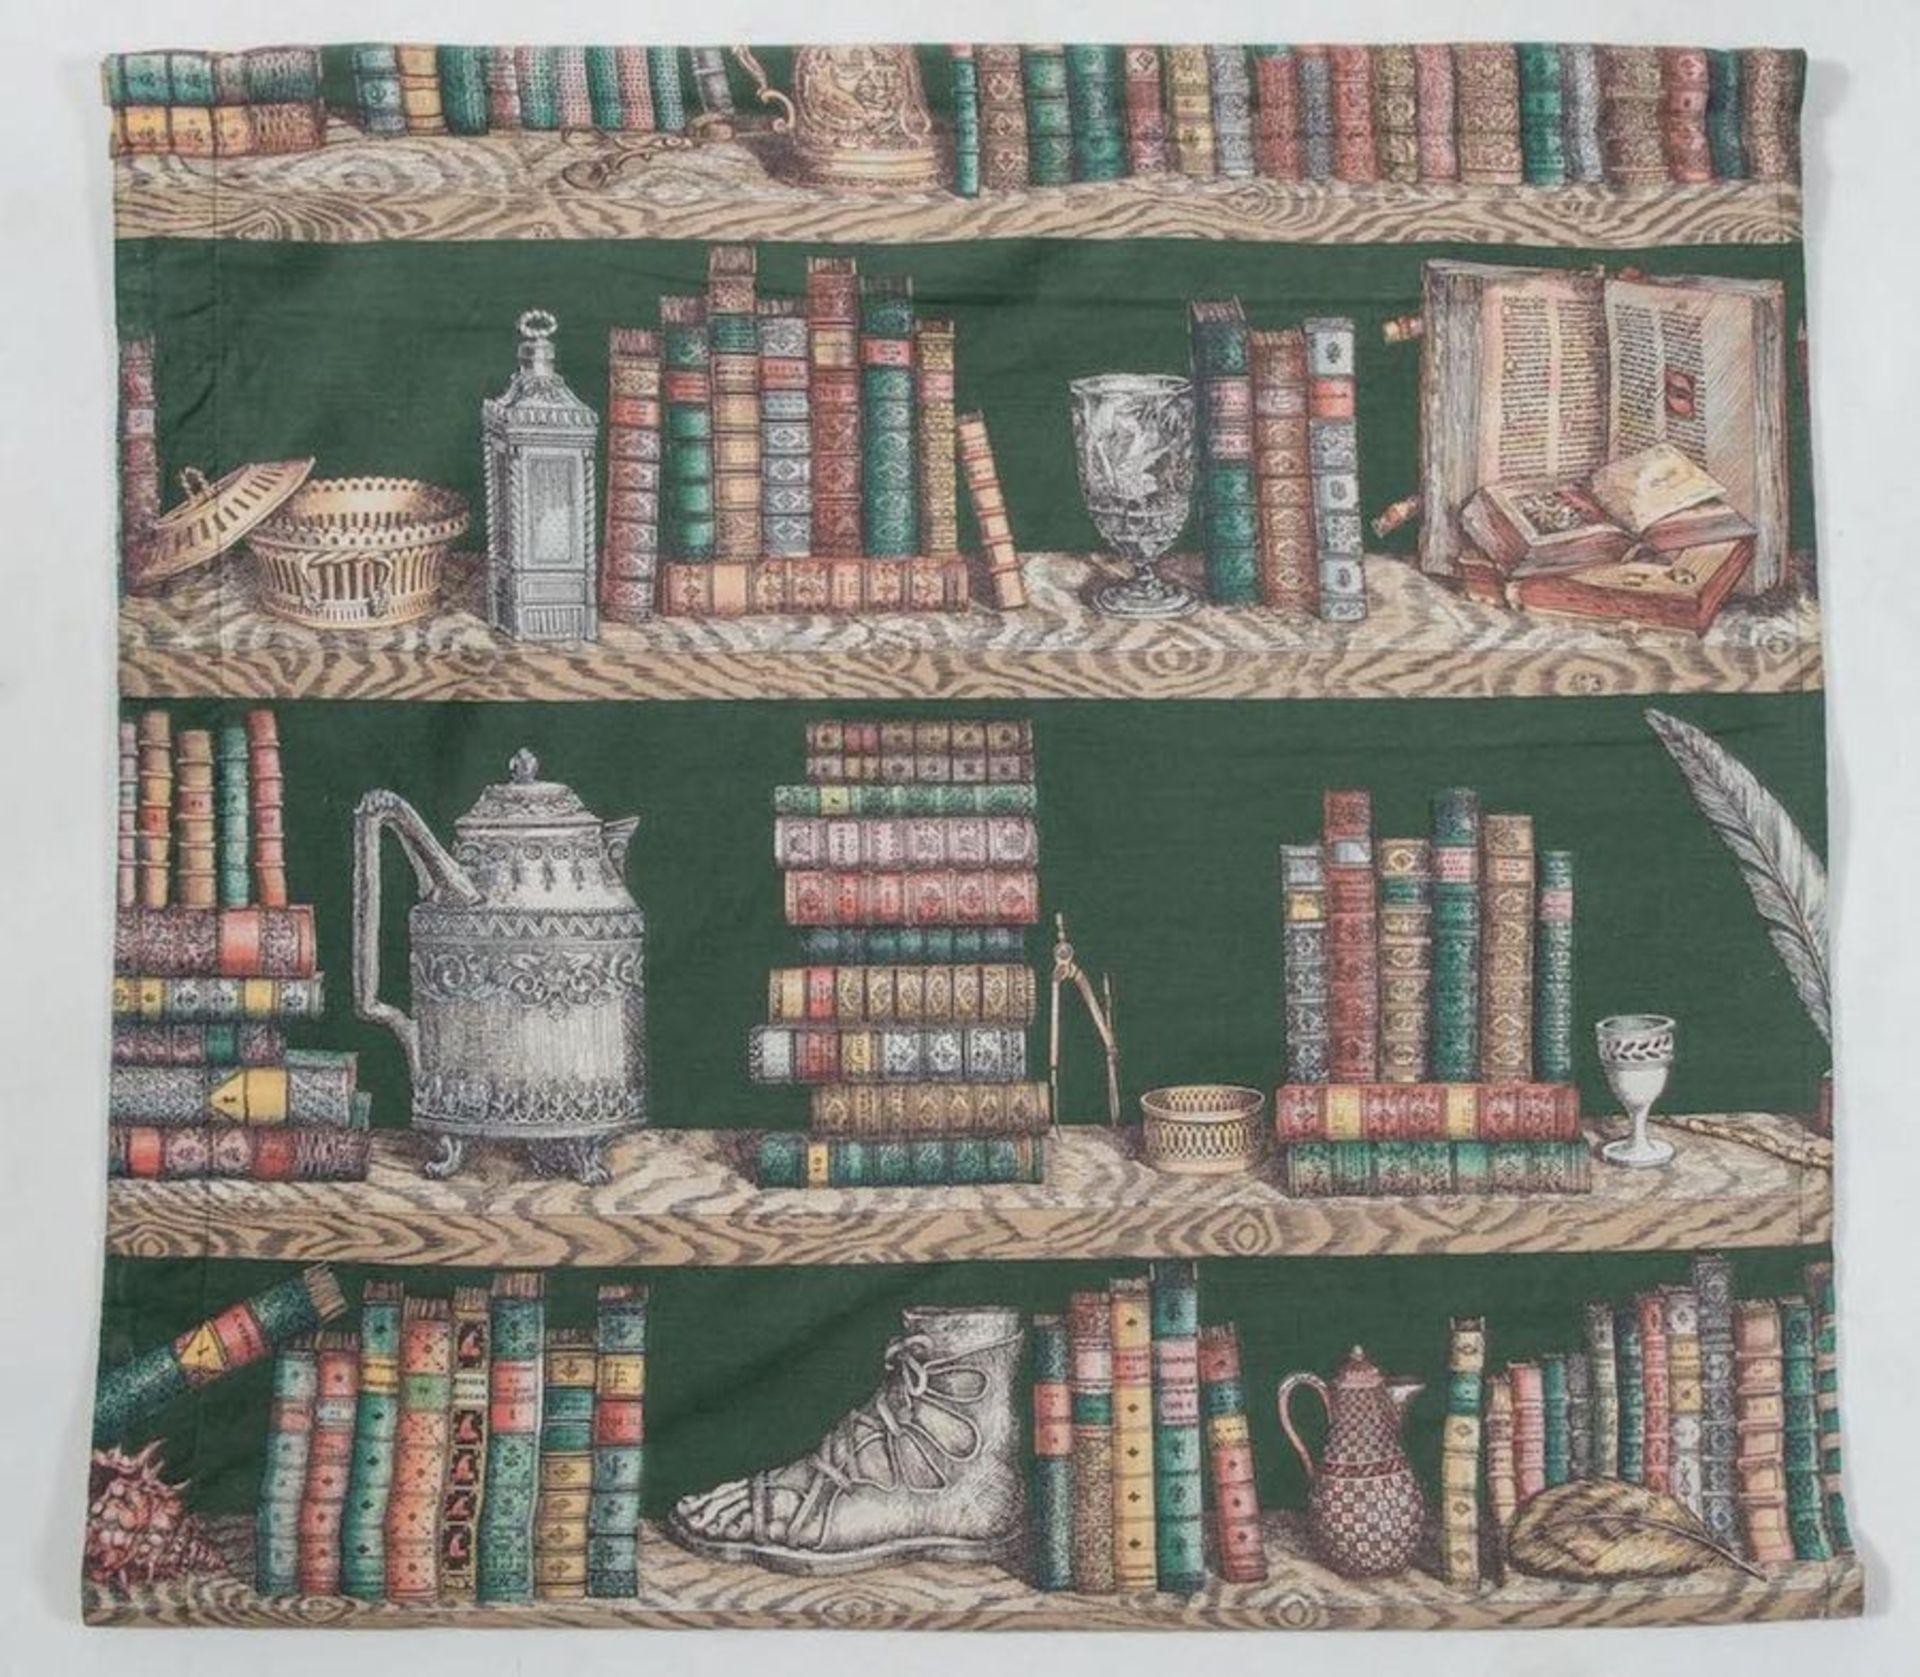 PIERO FORNASETTI Tela della serie Strumenti musicali e libri. Prod. Fornasetti, Italia, 1970 ca. Cm